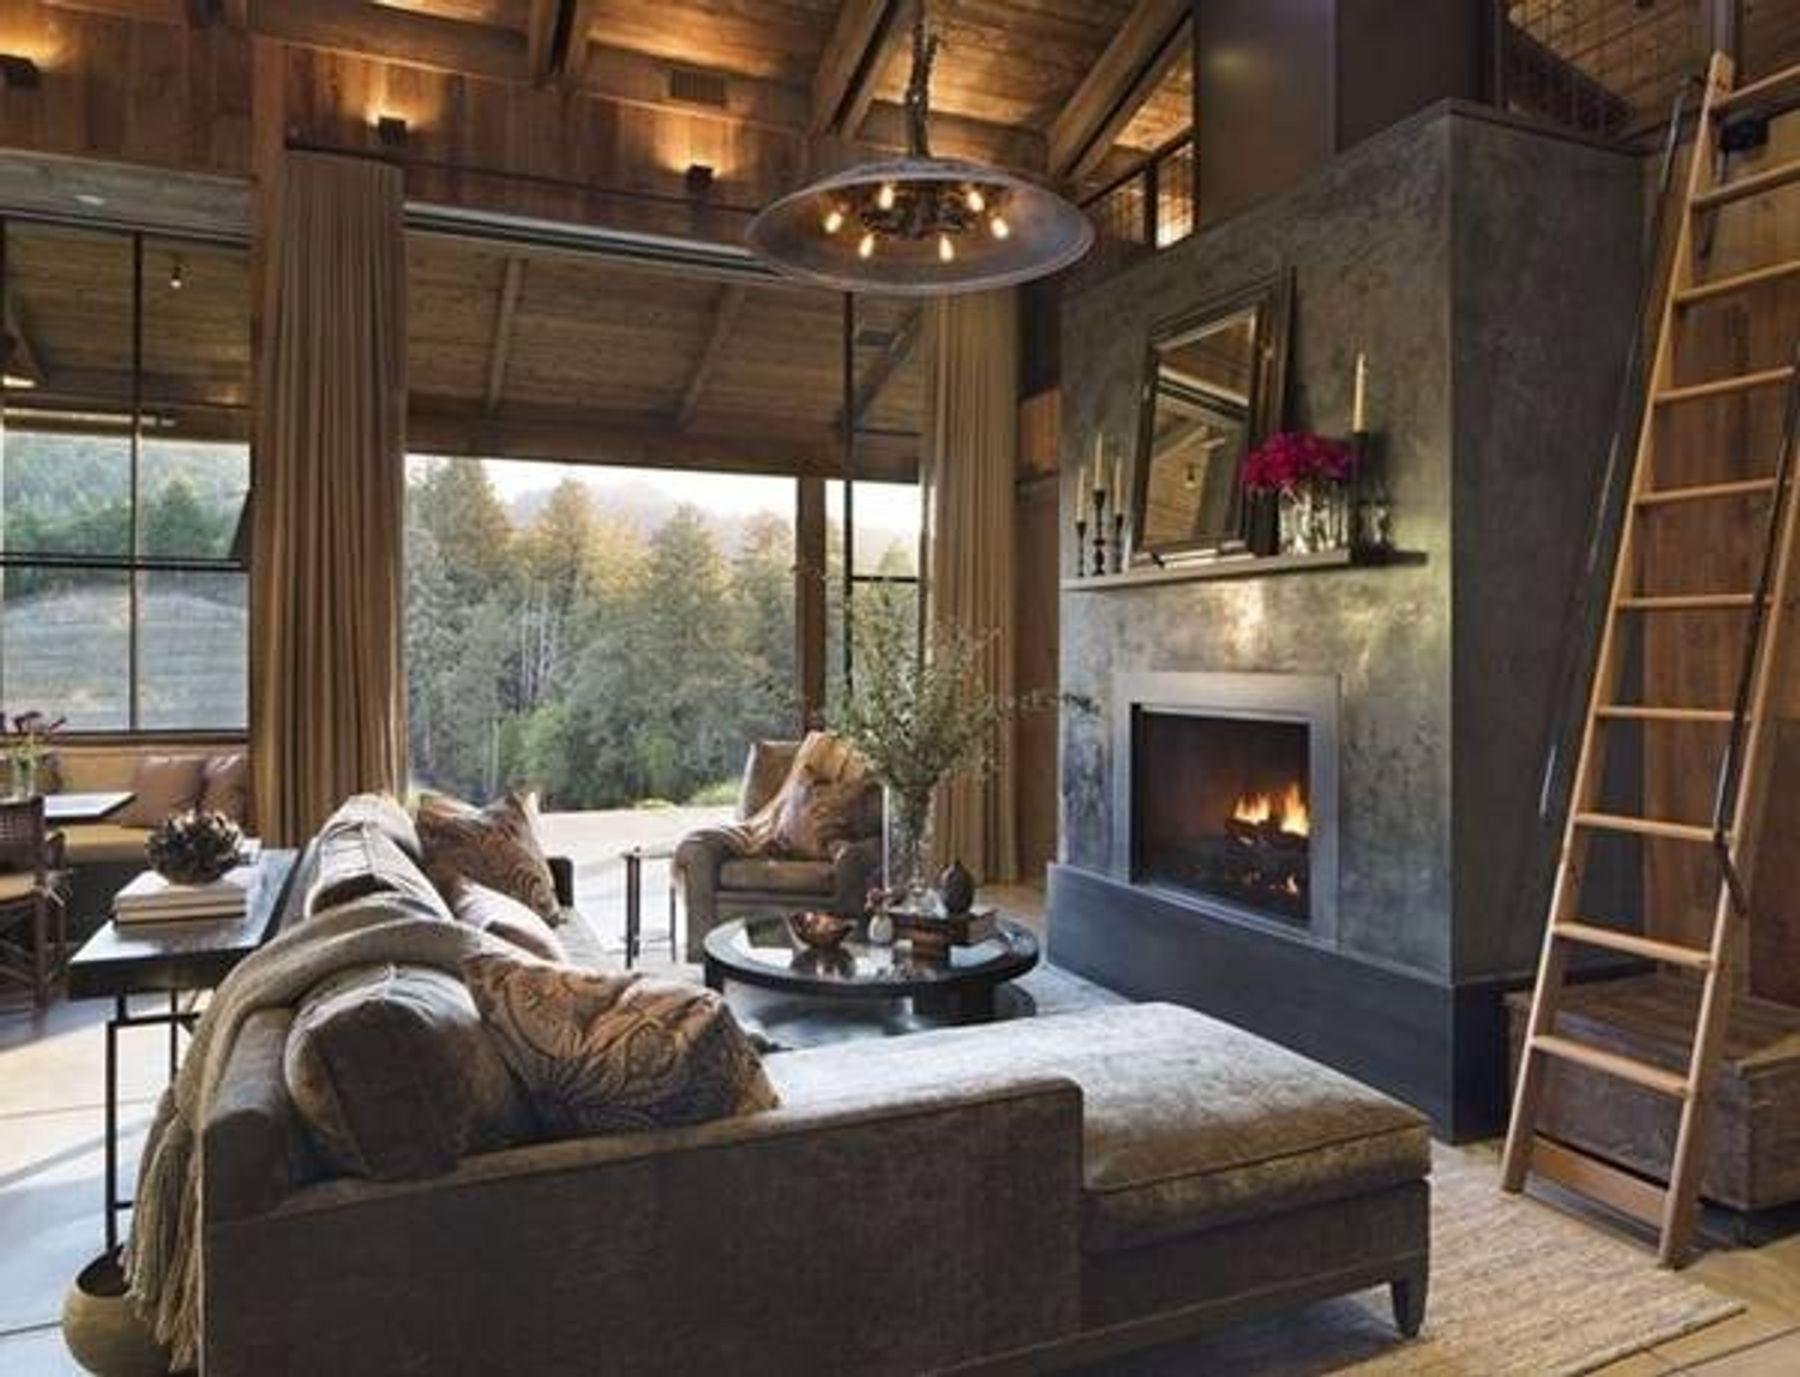 Trang trí phòng khách nhỏ đơn giản nhưng ấm cúng